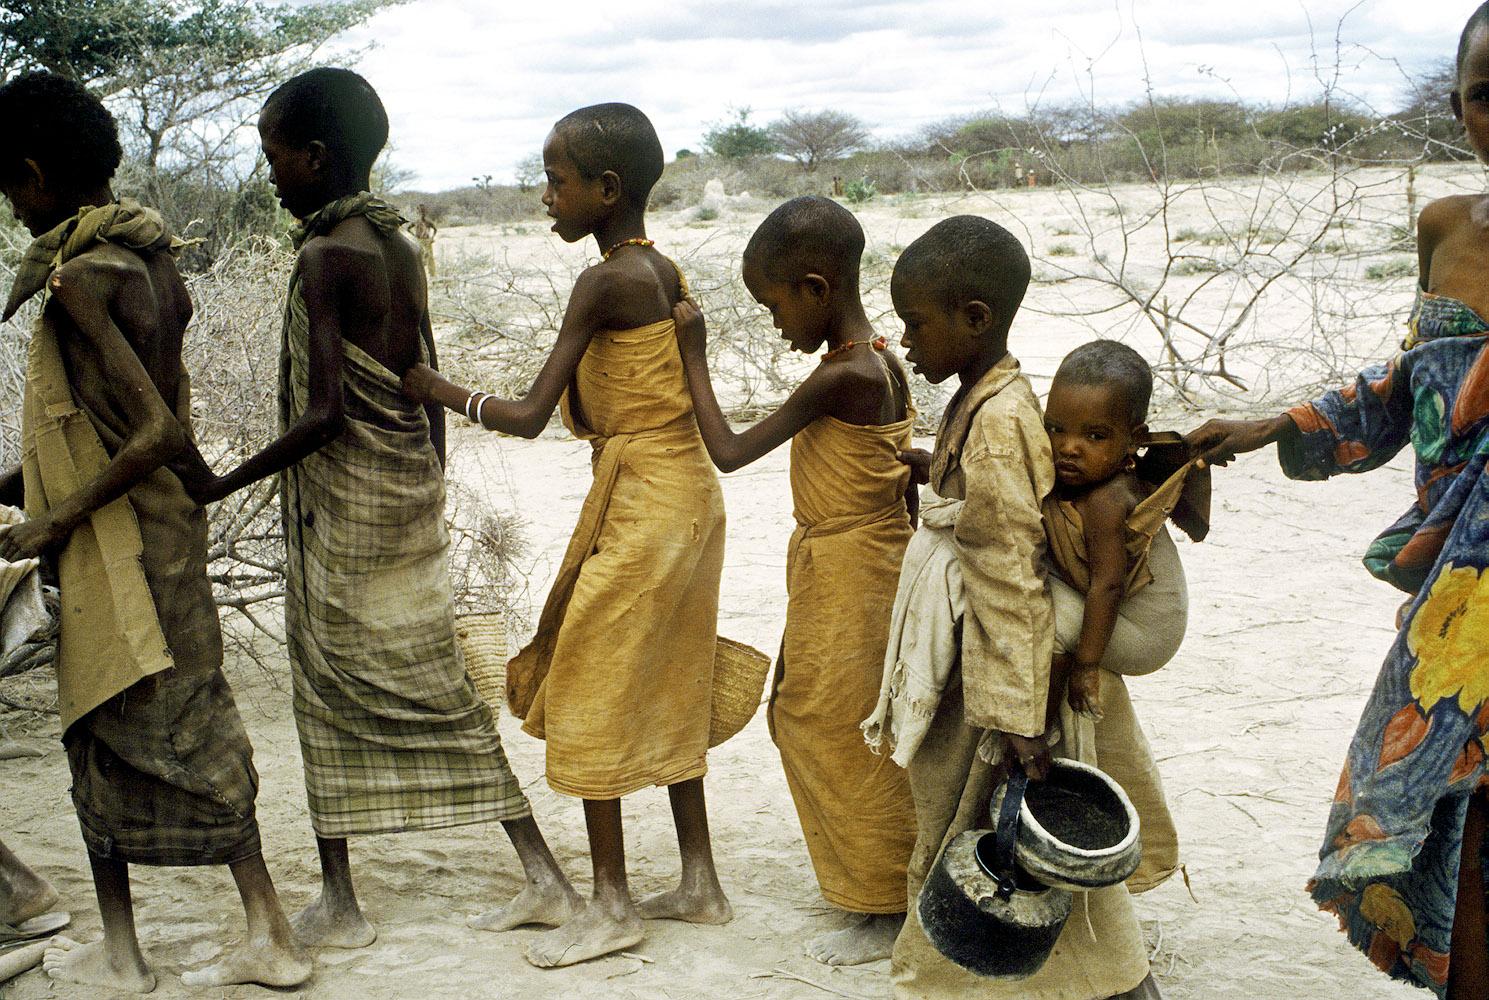 https://i2.wp.com/cdn.lightgalleries.net/4bd5ebf22afec/images/Somalia_Famine_3_PRINT-2.jpg